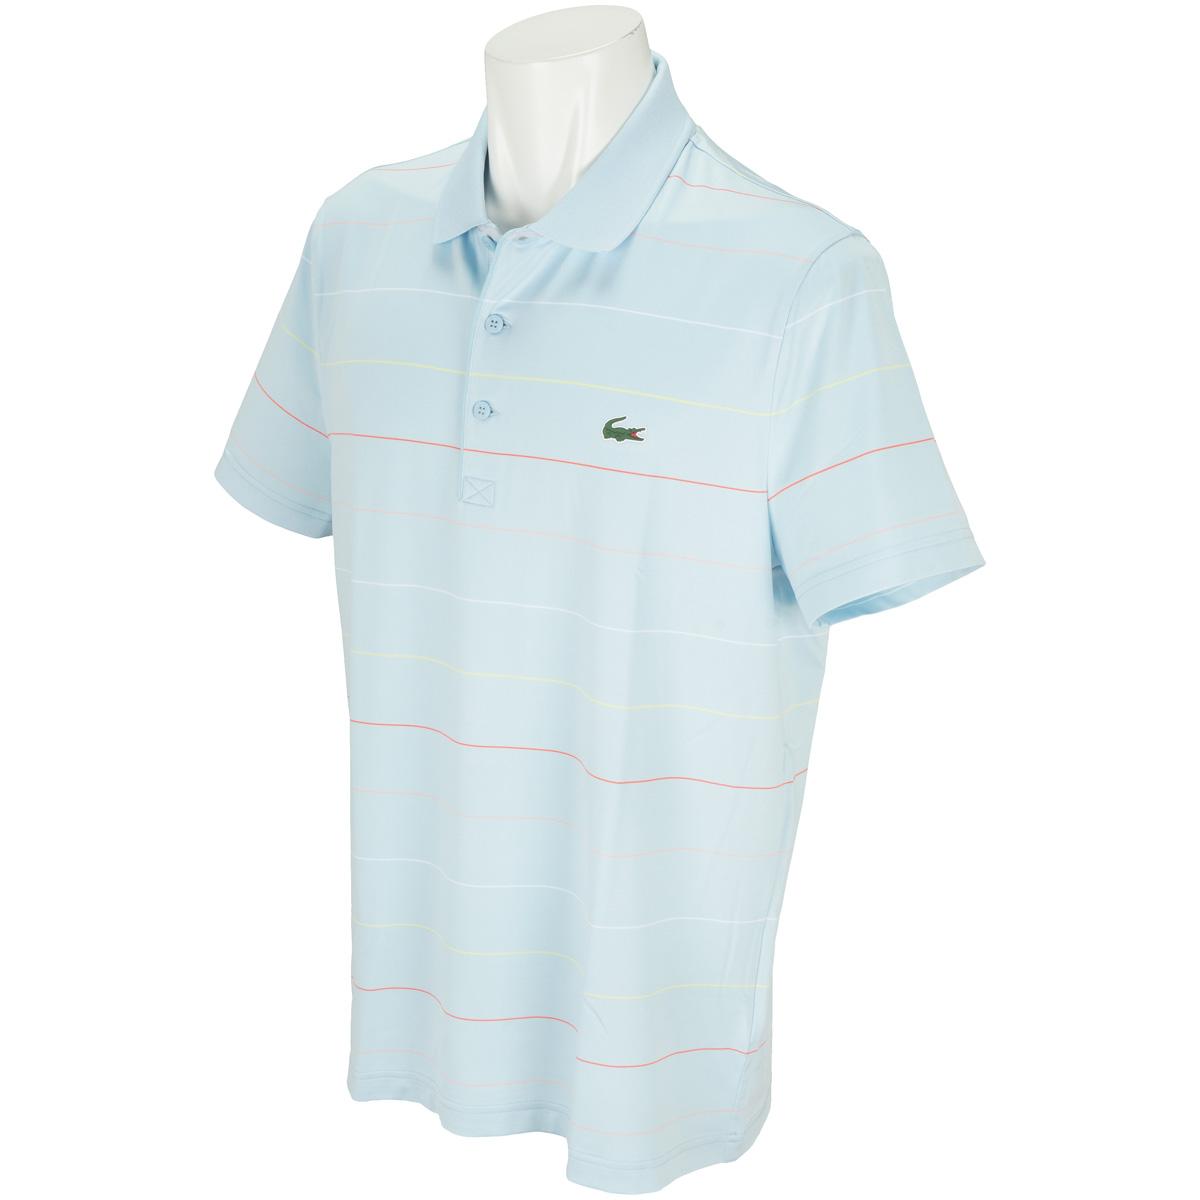 ストレッチ クイックドライゴルフ半袖ポロシャツ